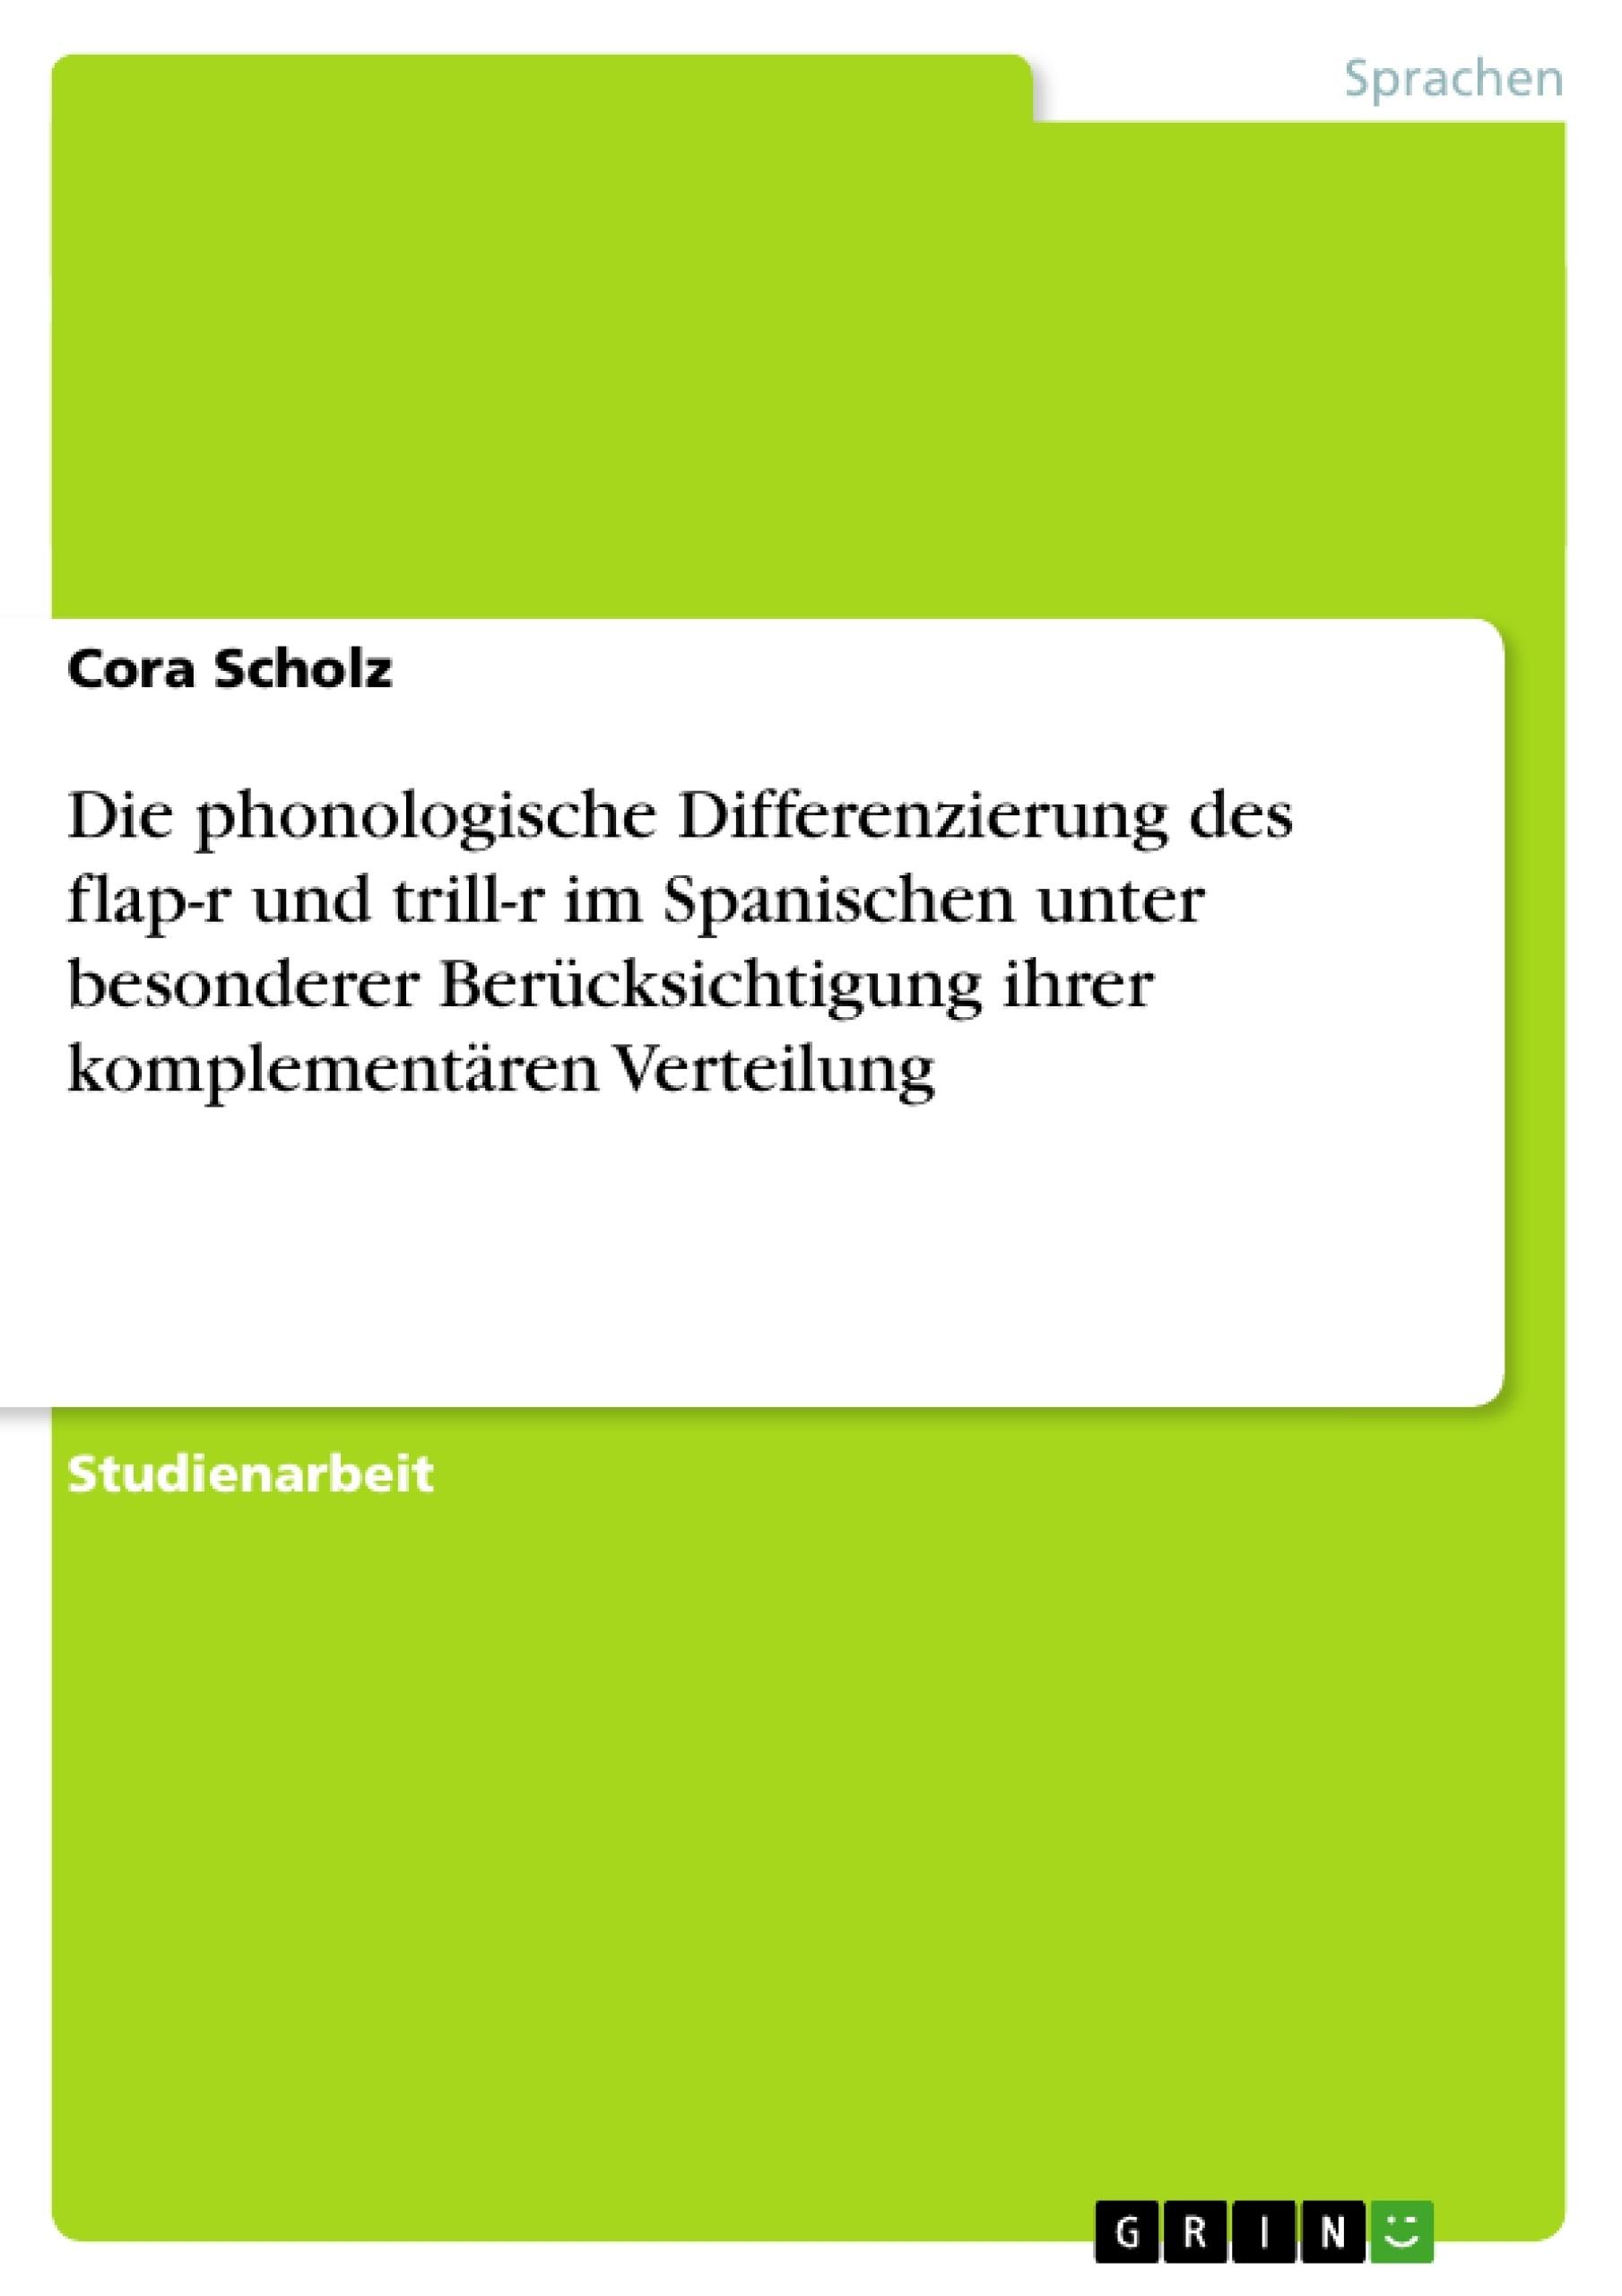 Titel: Die phonologische Differenzierung des flap-r und trill-r im Spanischen unter besonderer Berücksichtigung ihrer komplementären Verteilung